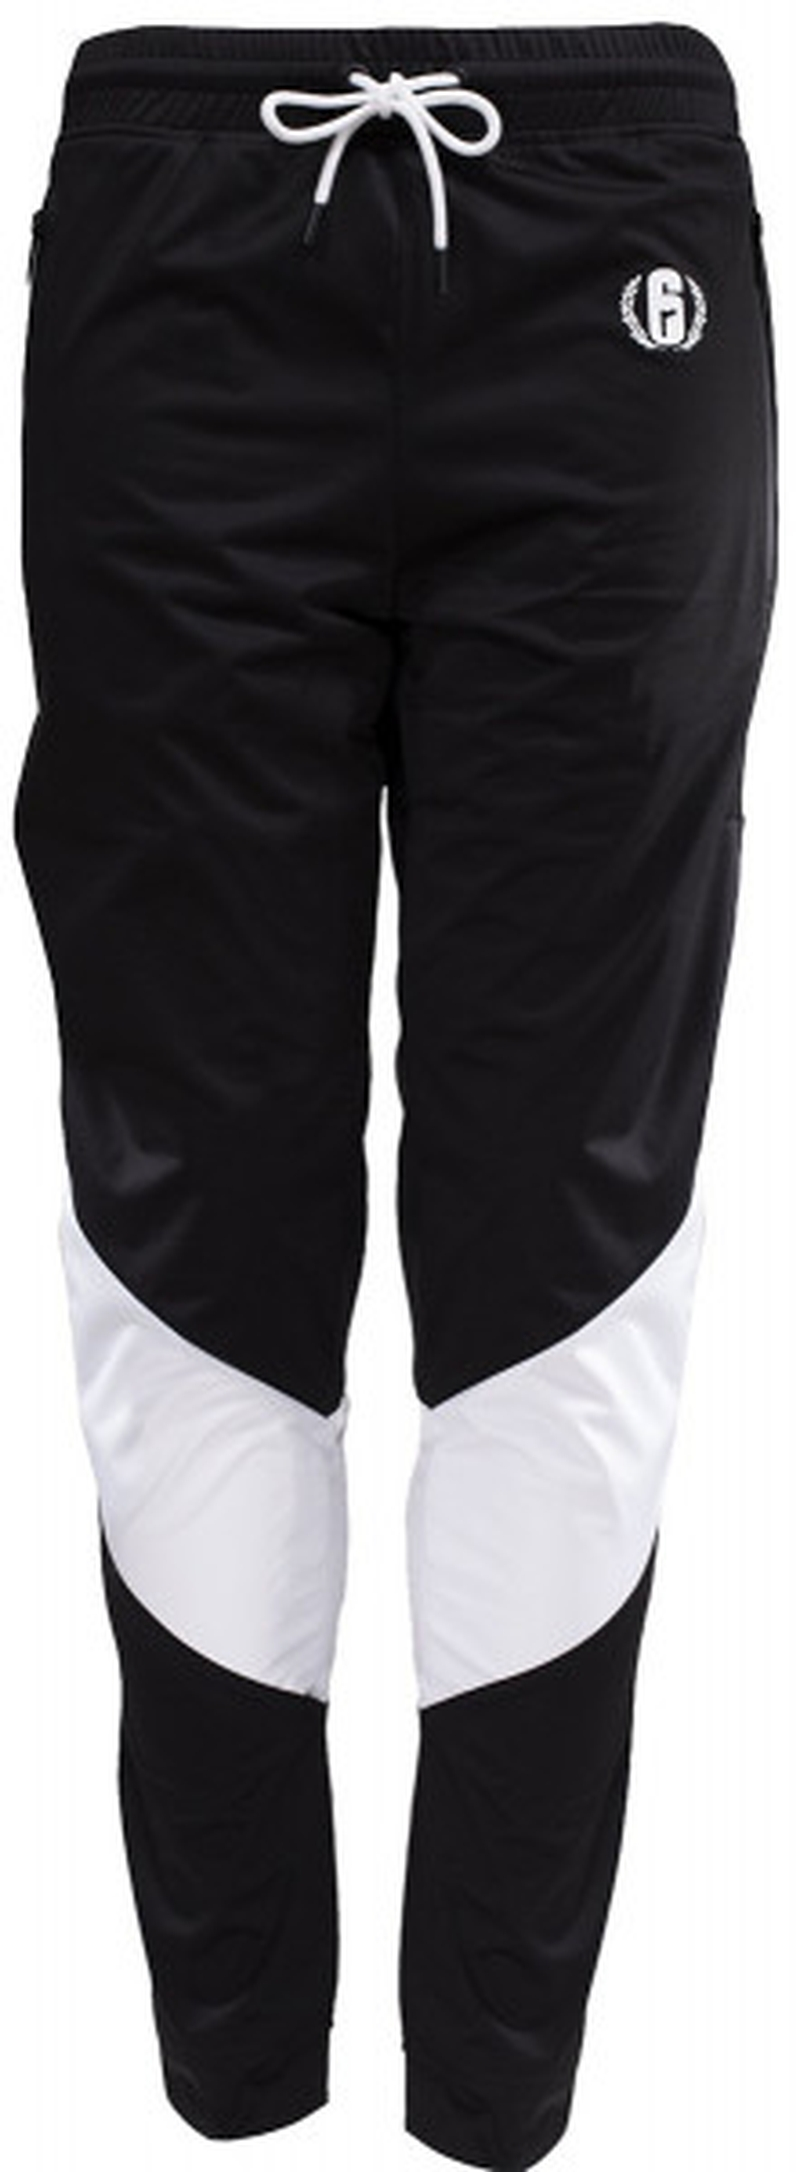 Спортивные брюки Six Siege: E-Sport Collection. Источник: Ubisoft